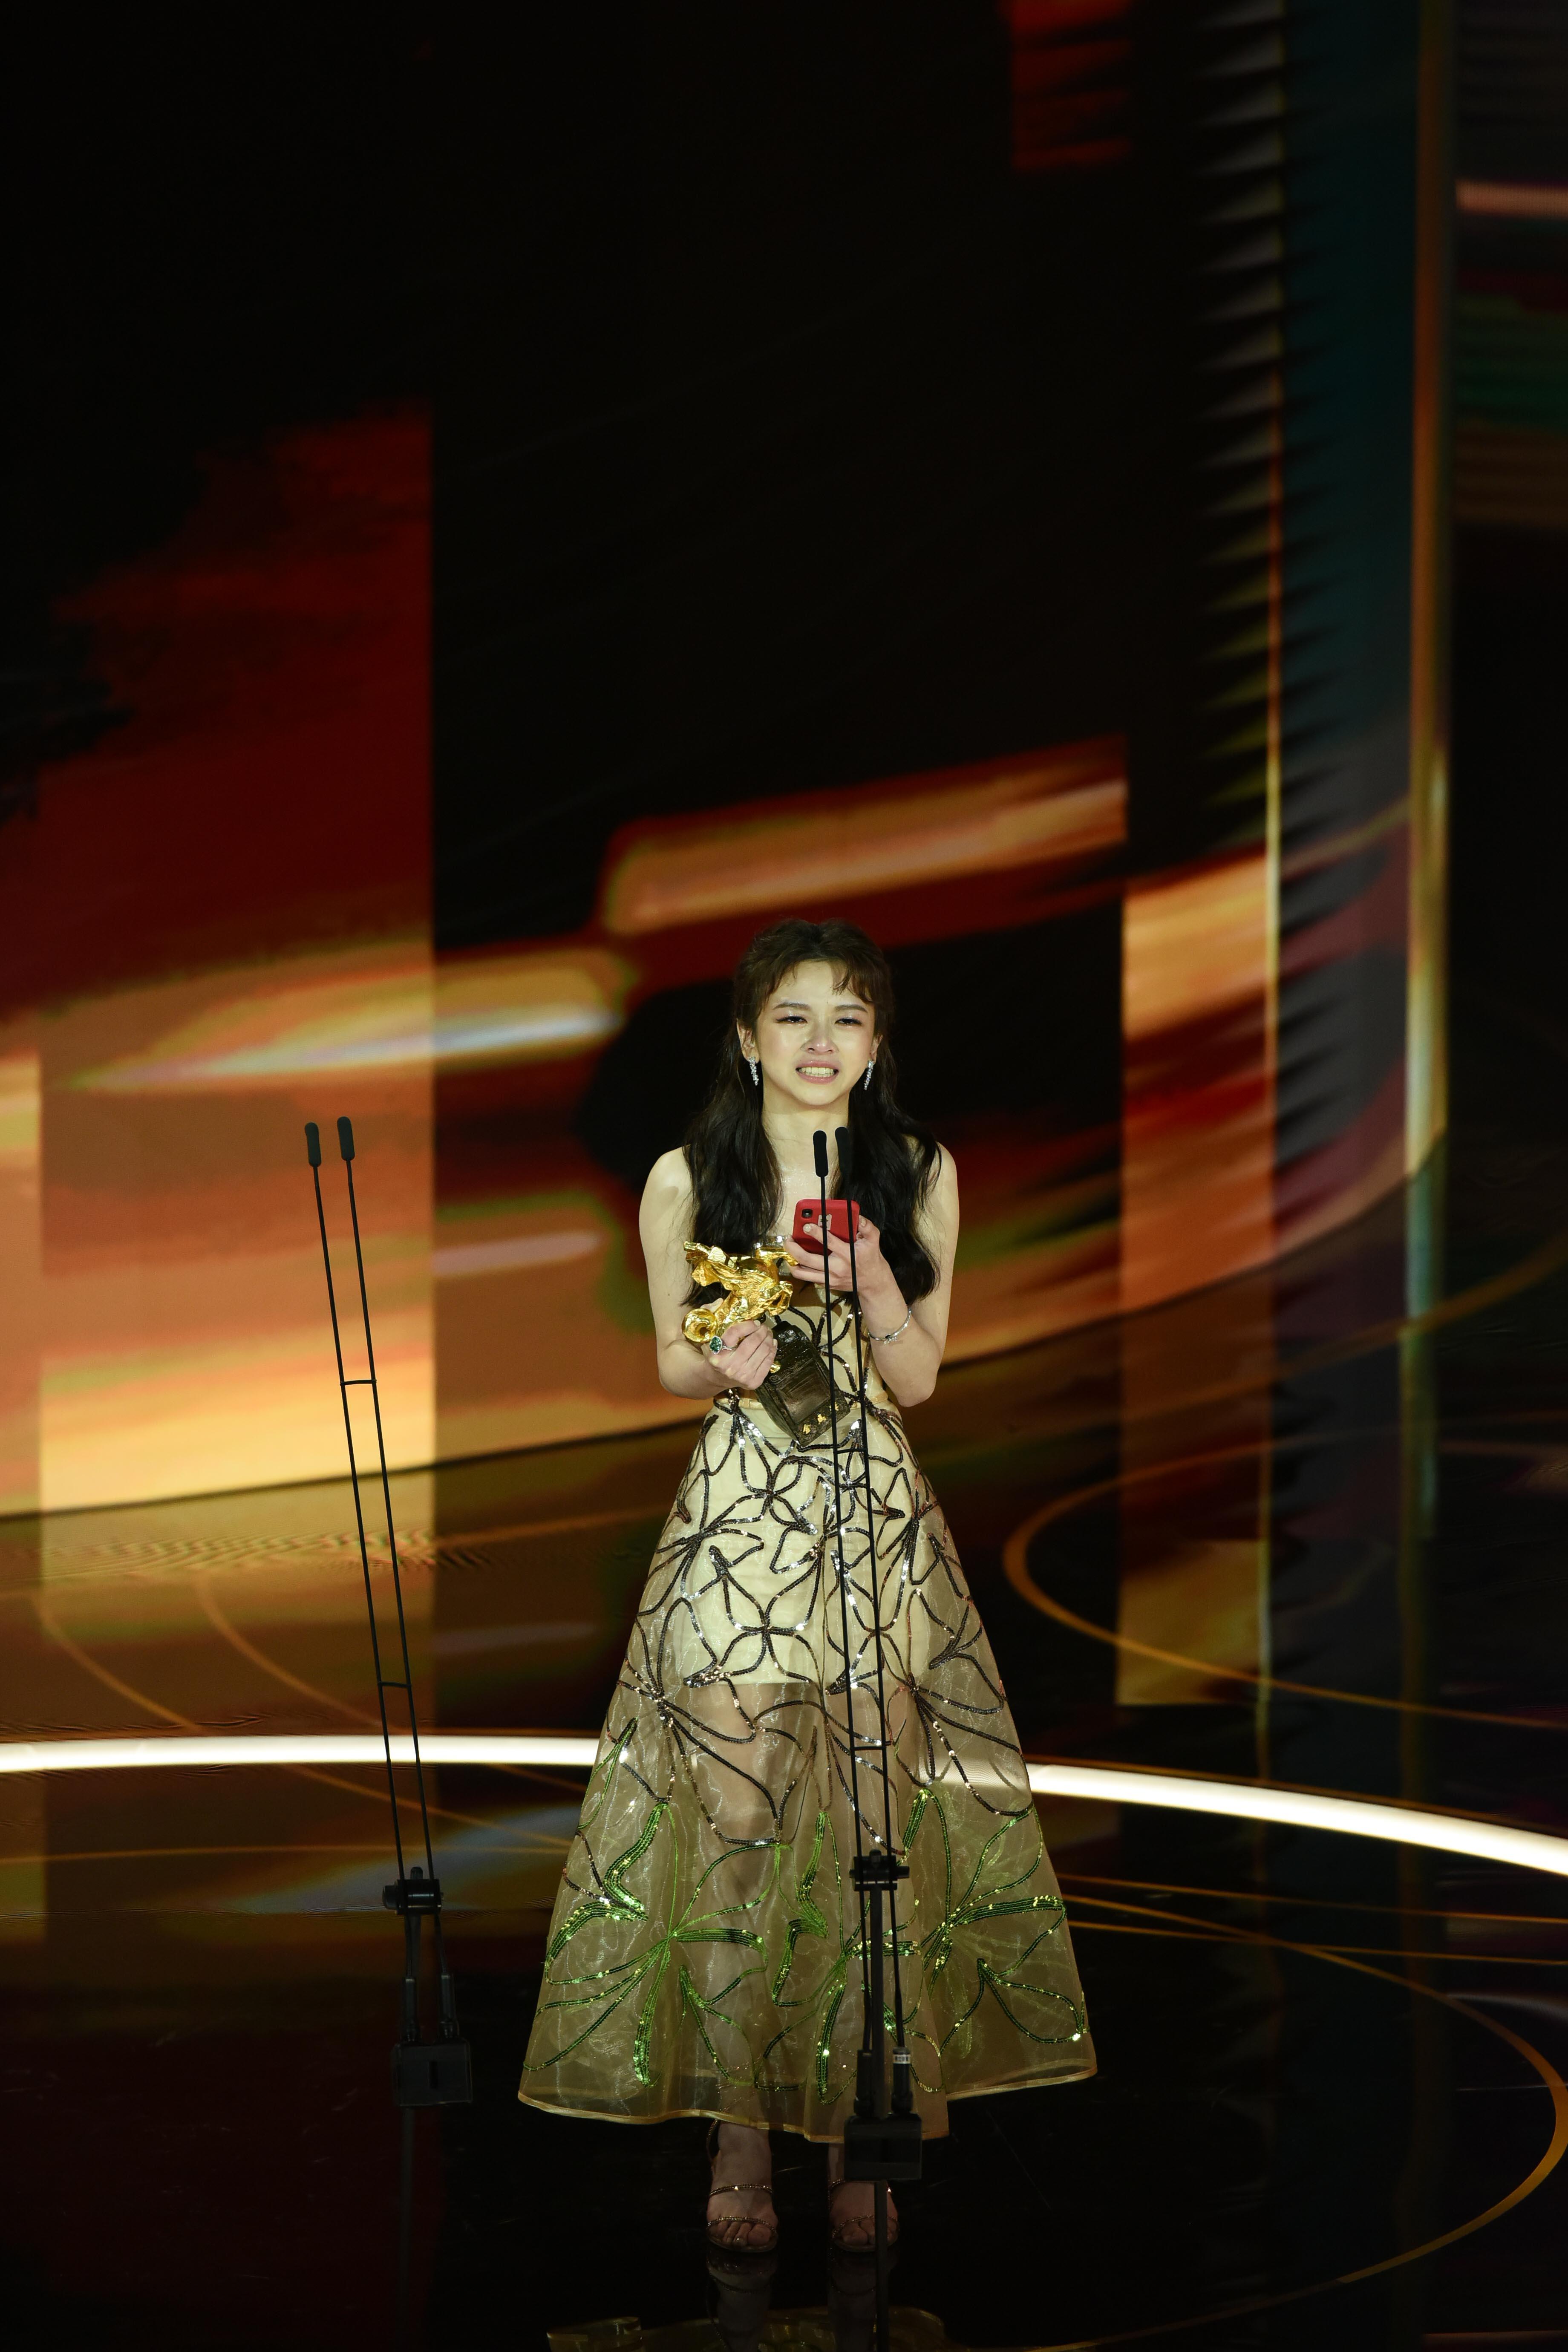 第五十七屆金馬獎 最佳新演員_陳姸霏|《無聲》